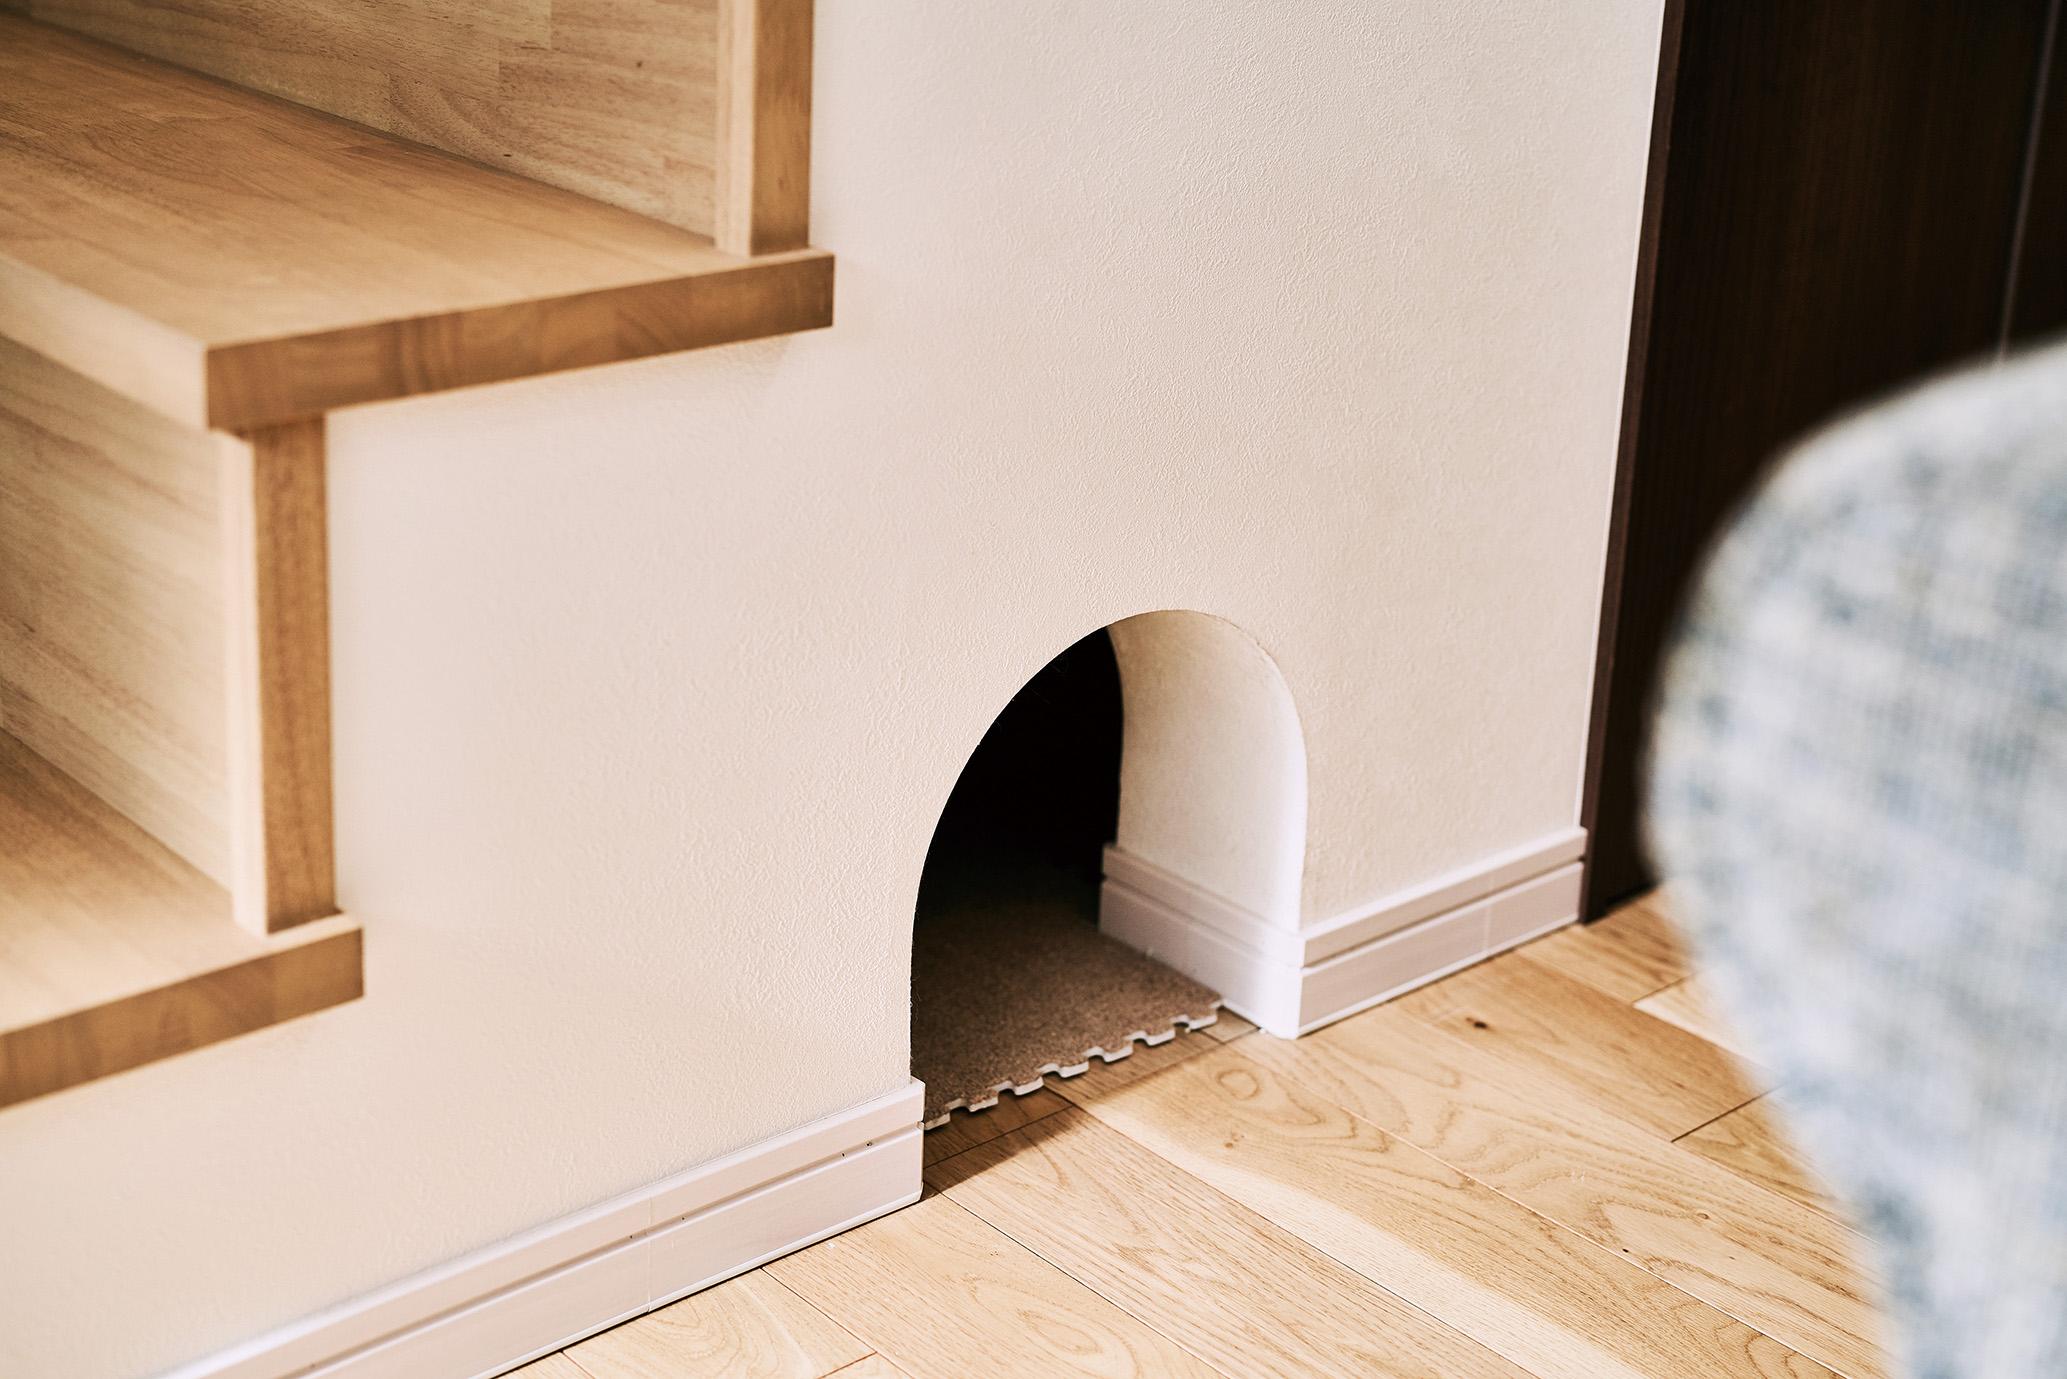 ロフトスペースに上がる階段のデッドスペースを猫ちゃんのトイレに活用。